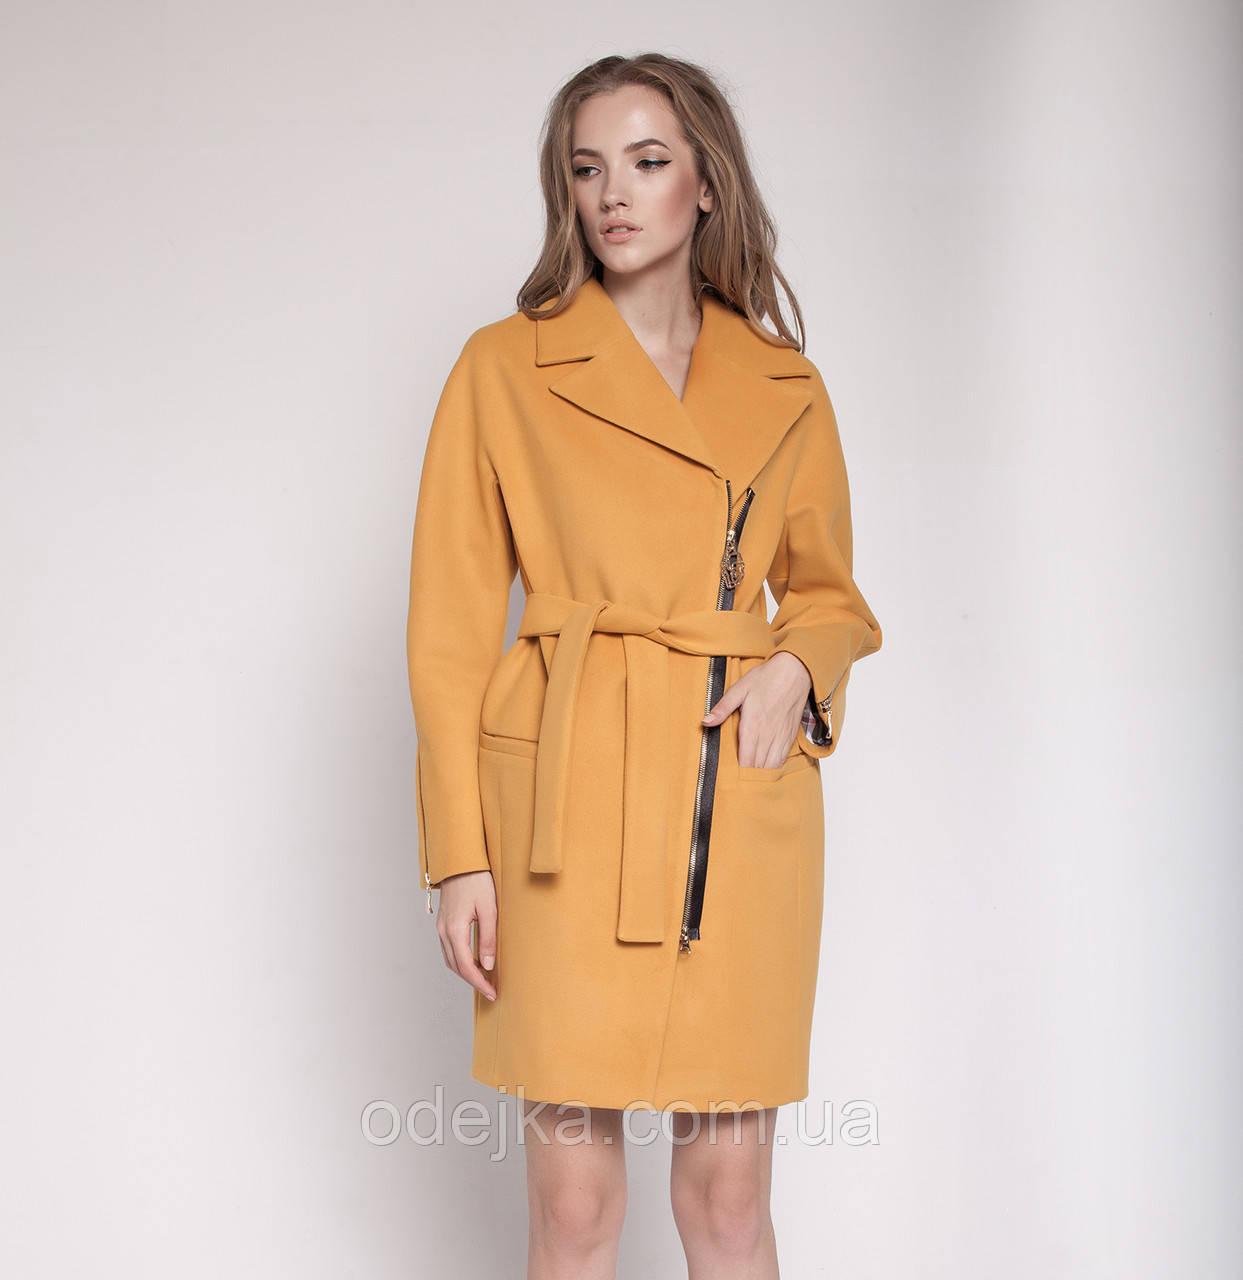 fb05f9b509d Женское пальто Vol Ange